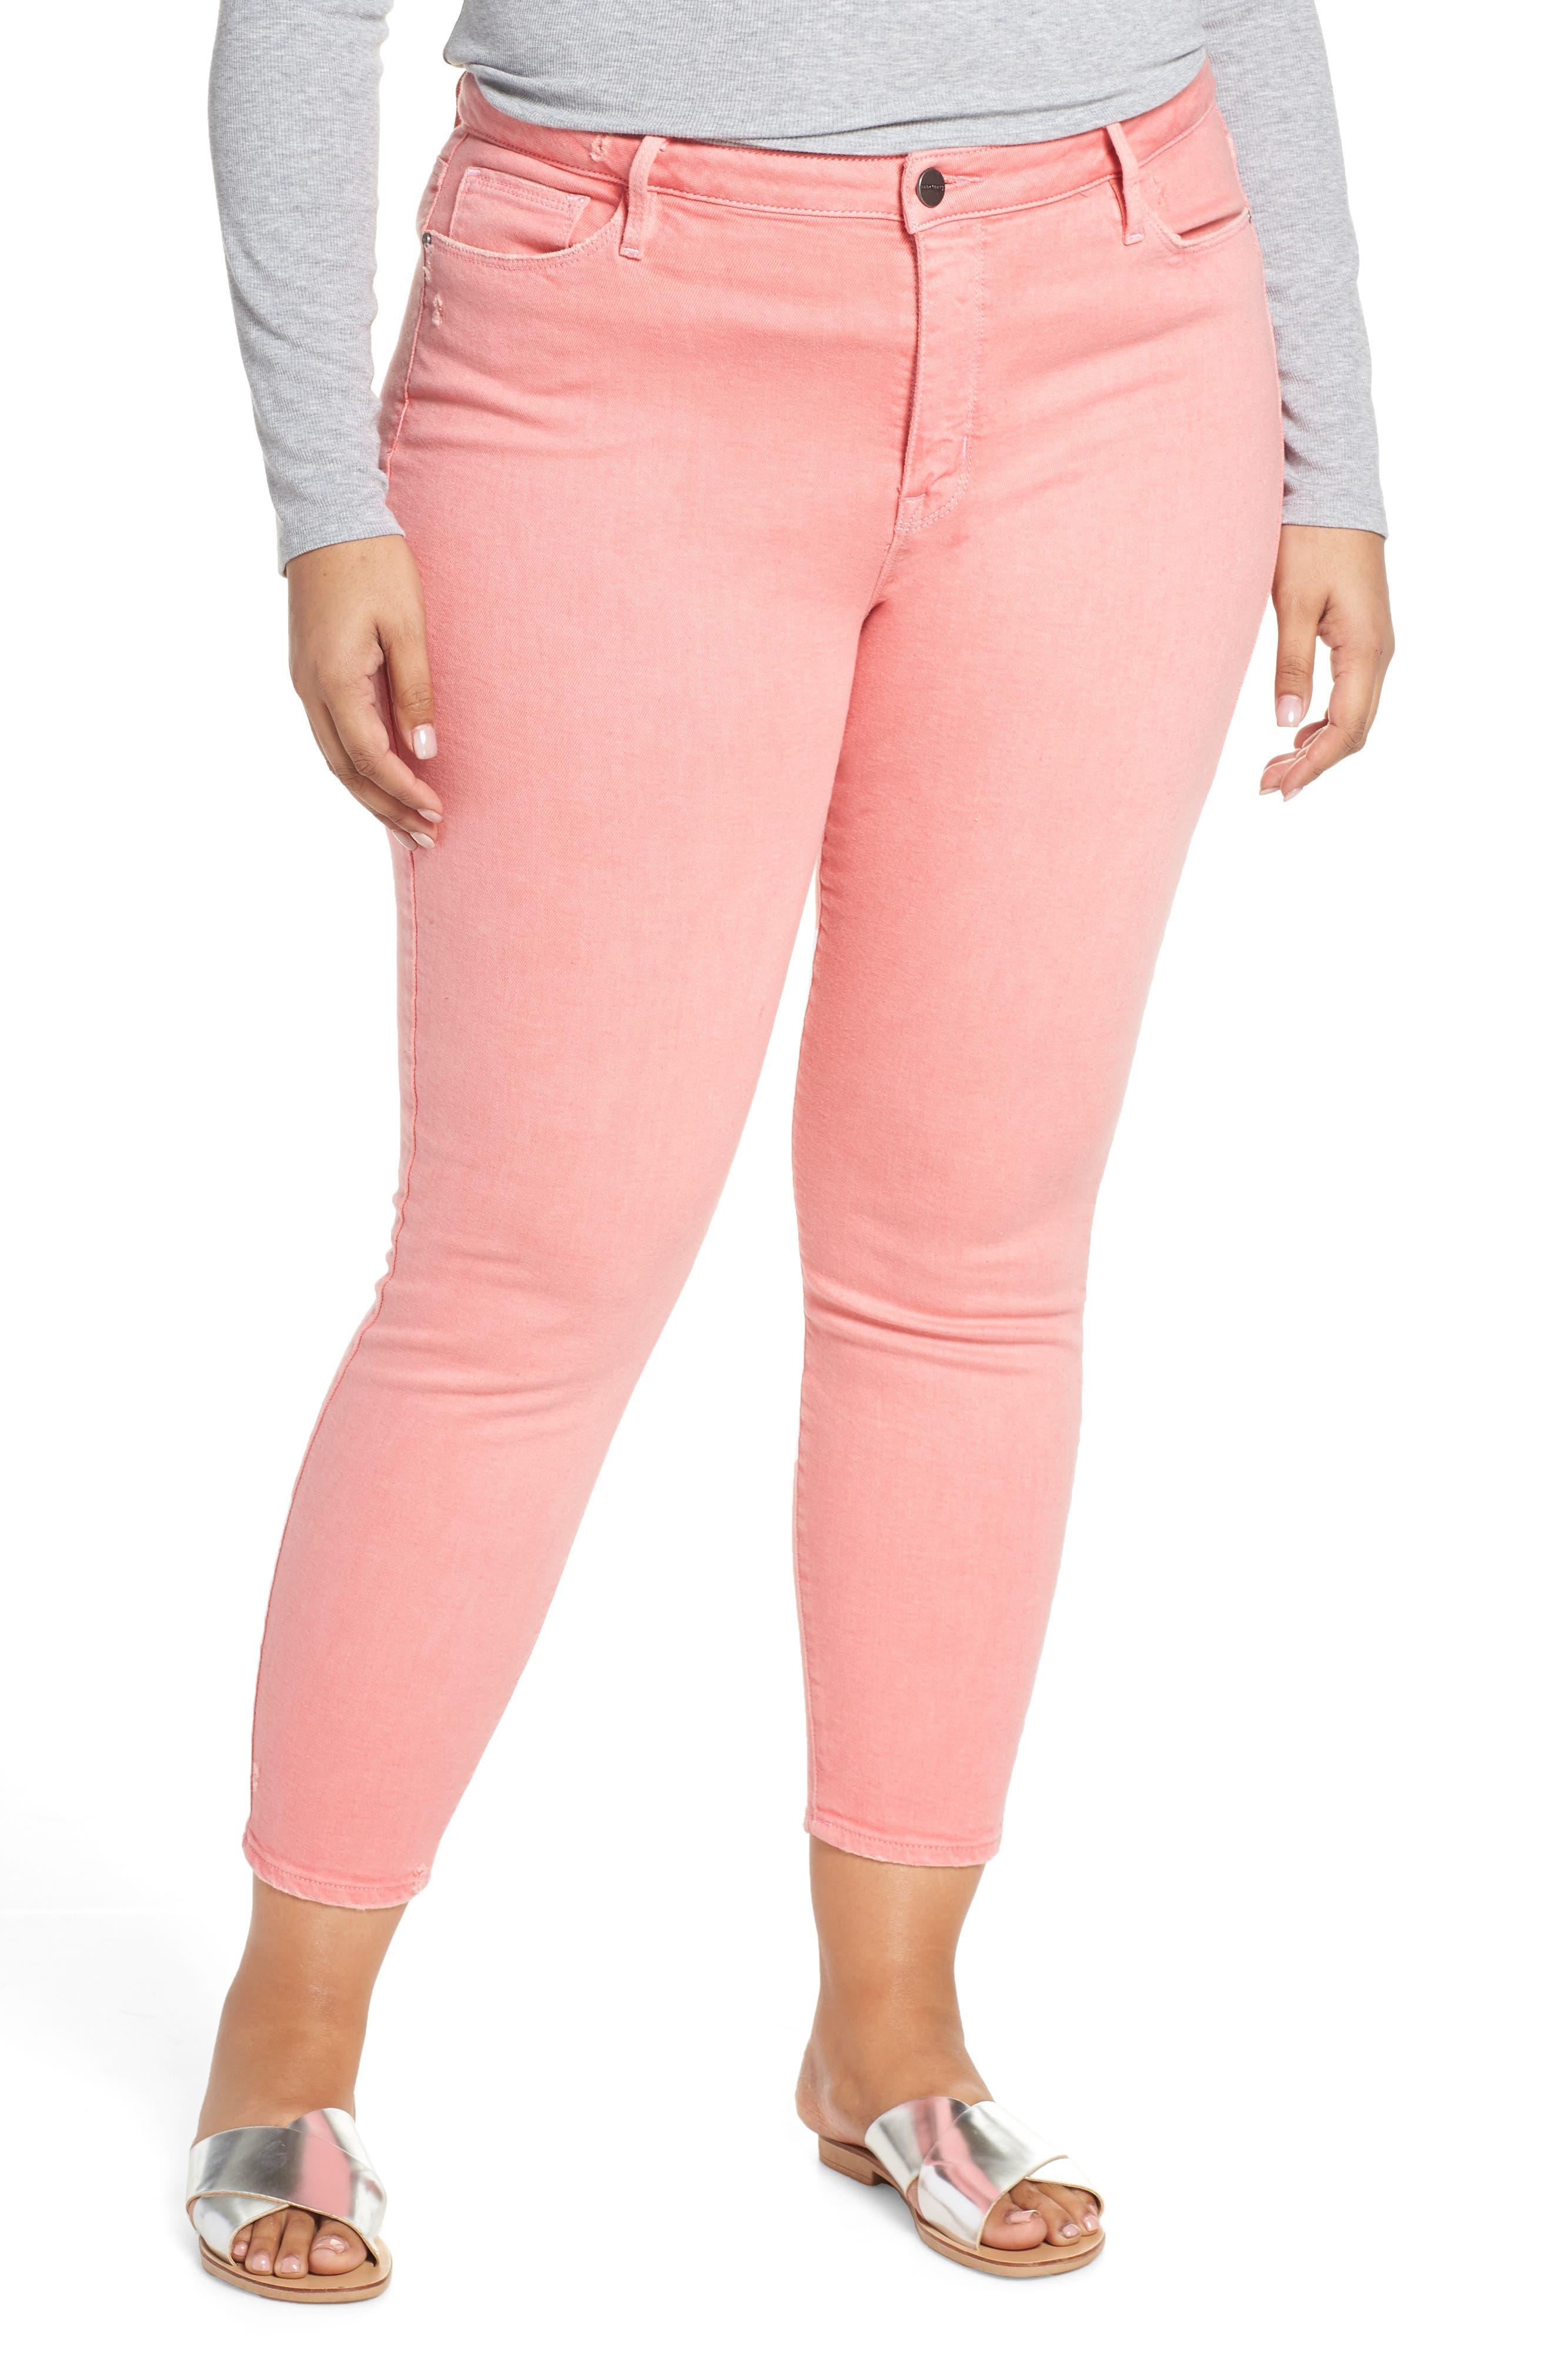 SANCTUARY Social Standard Ankle Skinny Jeans, Main, color, DK PNK FIZ